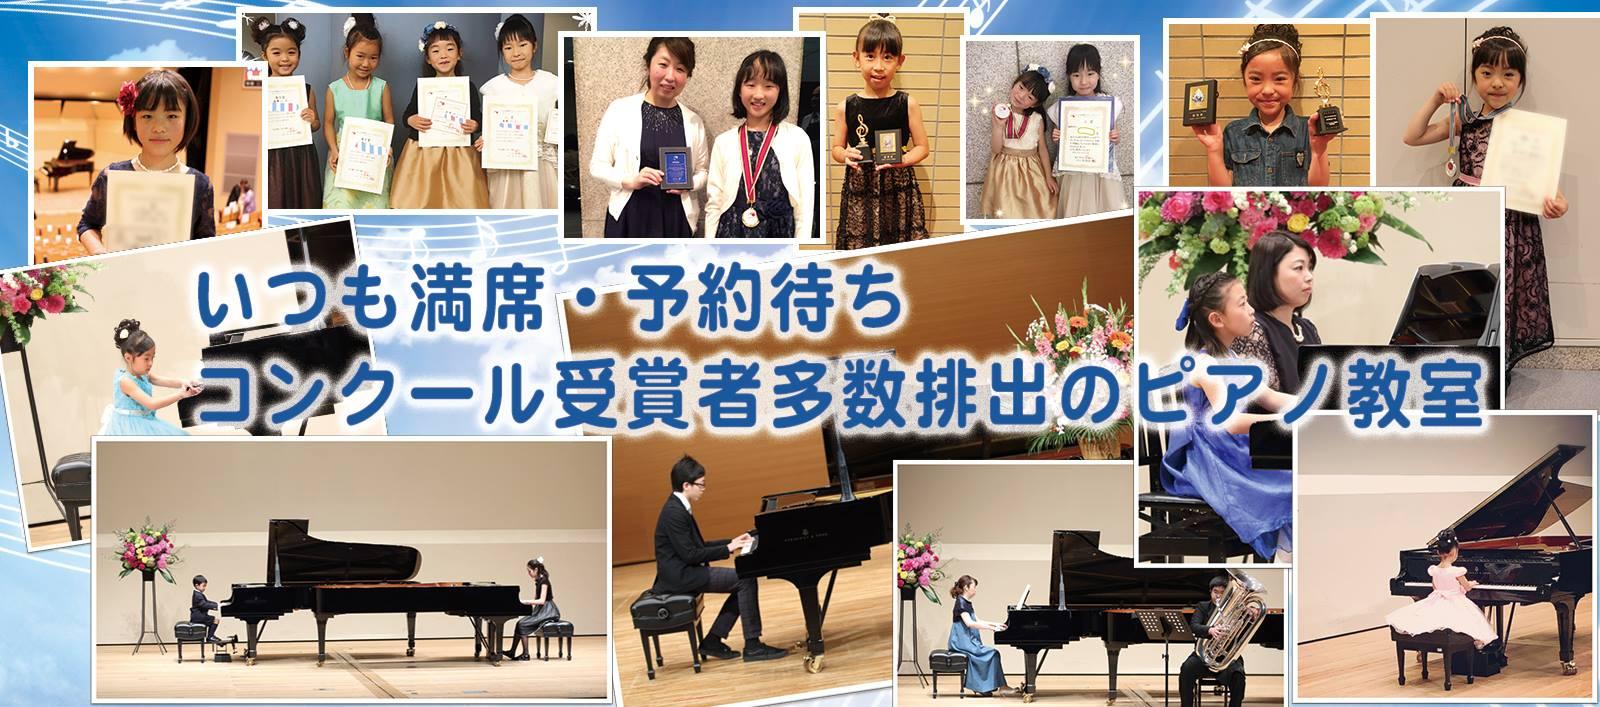 千葉市若葉区 よしみ先生のわかば音楽教室ピアノクラス